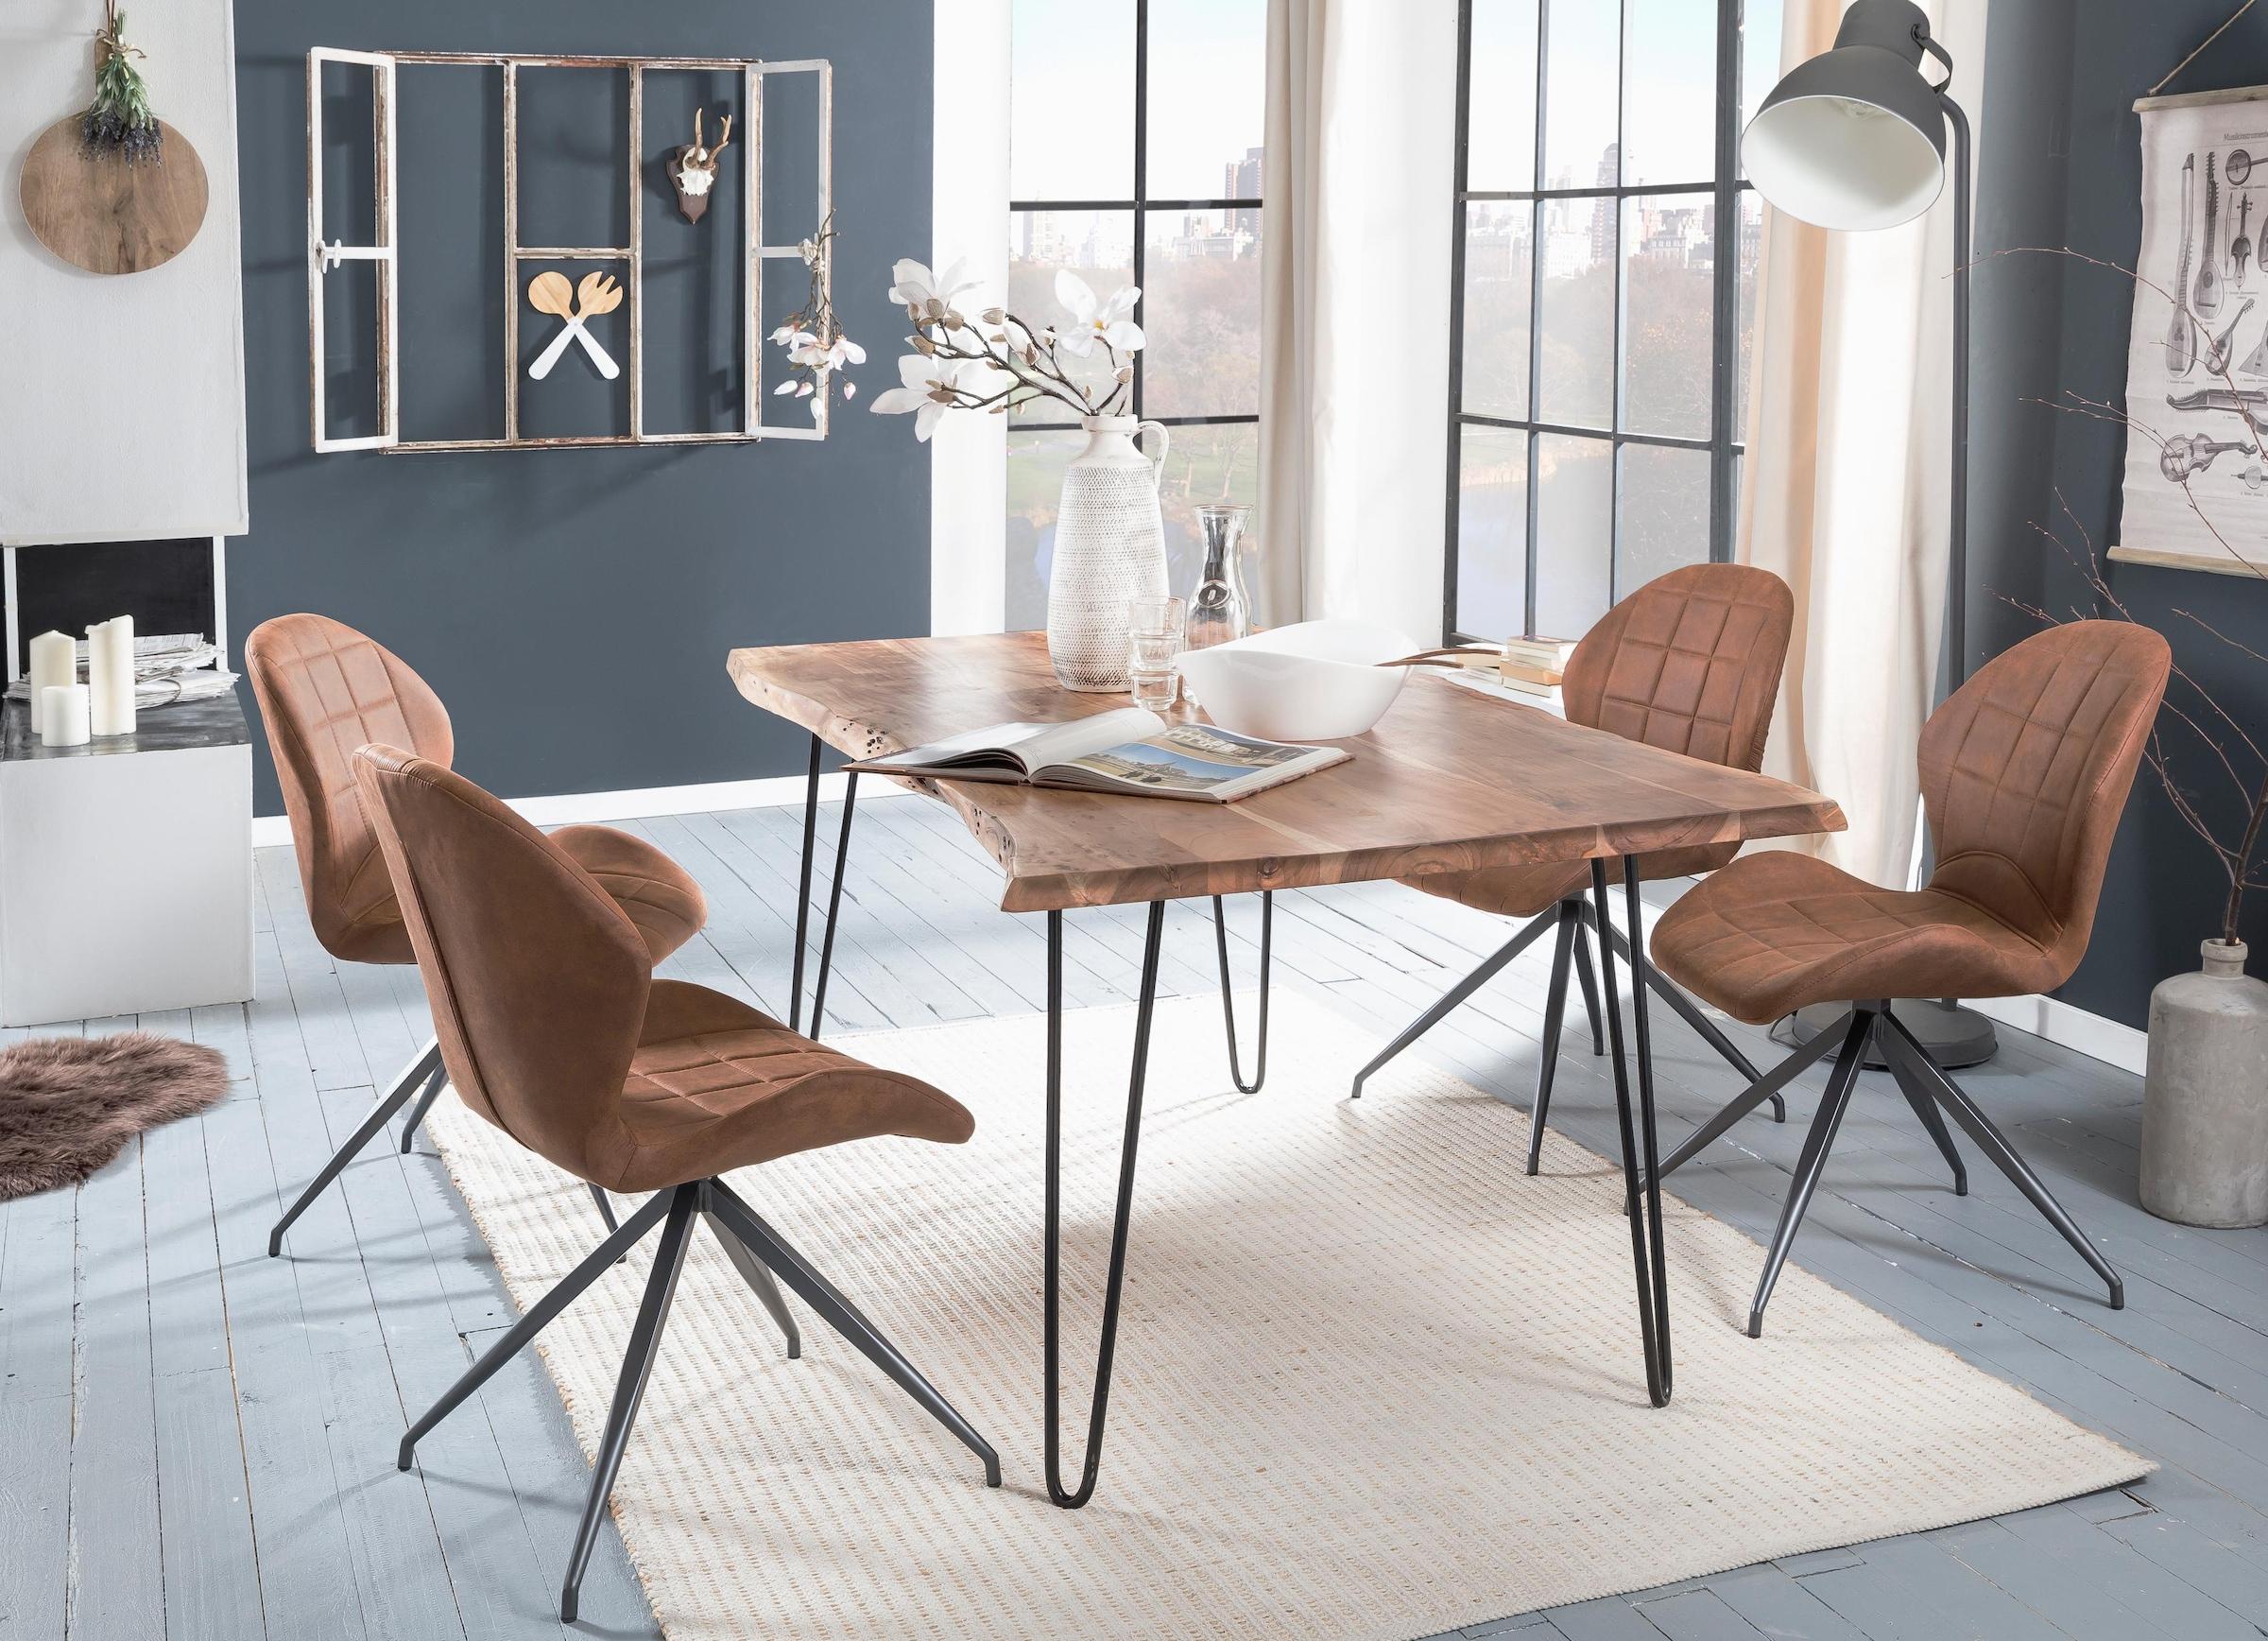 Esszimmermöbel : Esszimmereinrichtung esszimmermöbel online kaufen baur